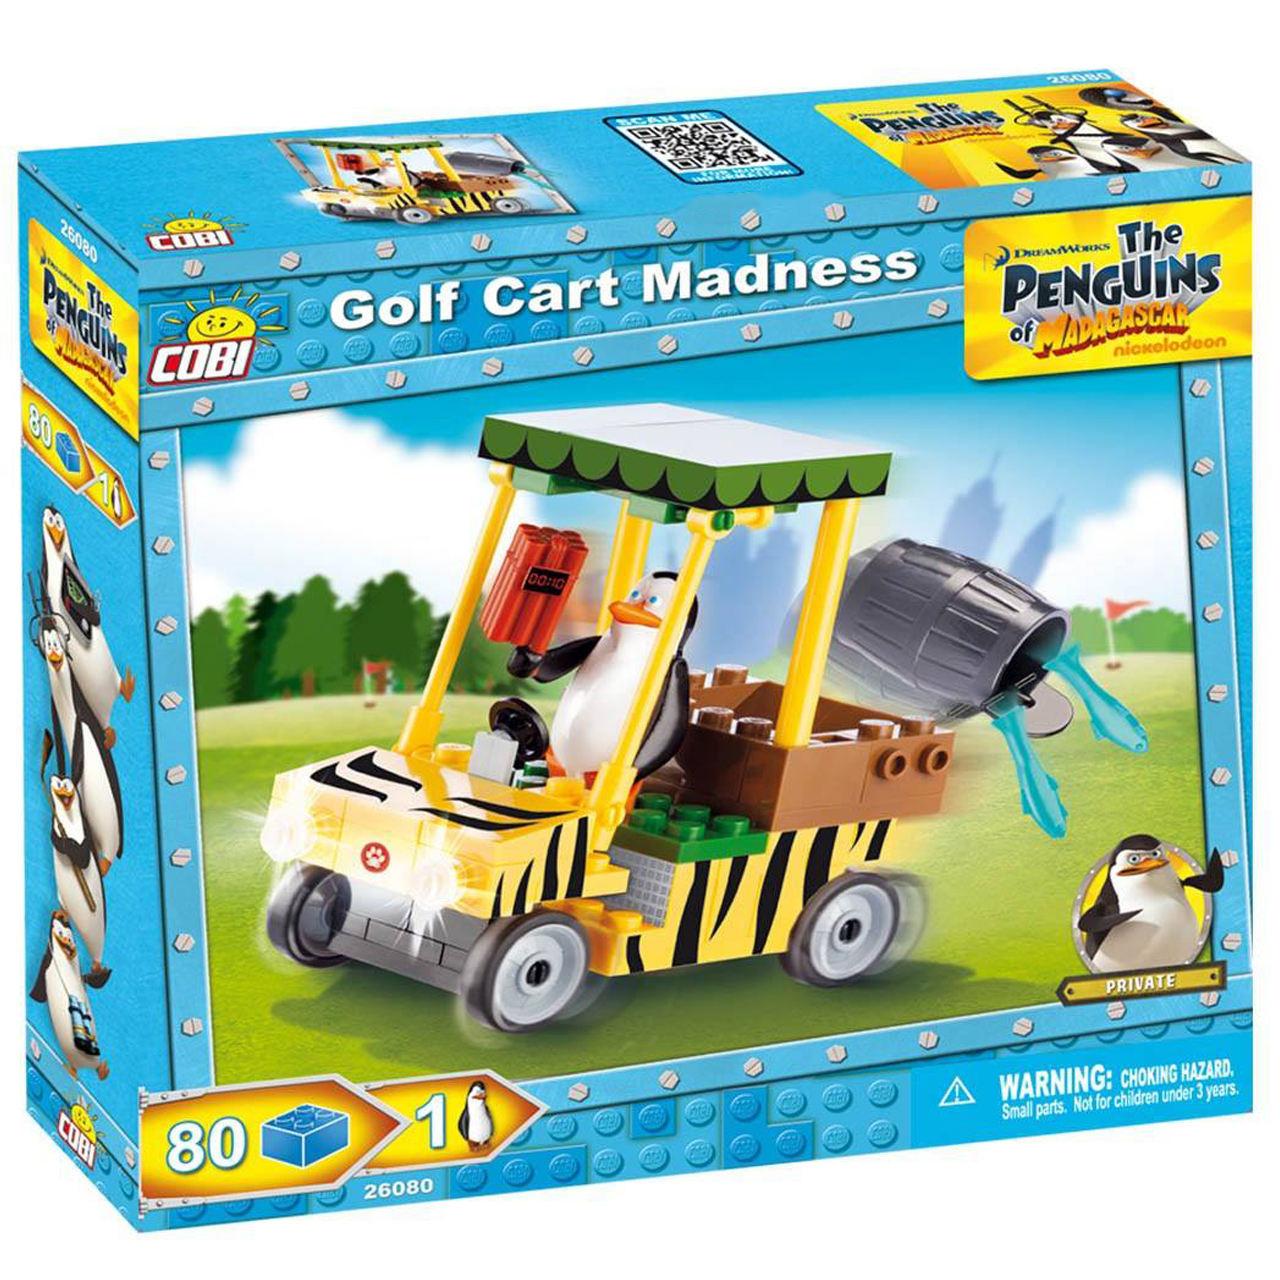 لگو کوبی مدل Penguins Golf Cart Madness